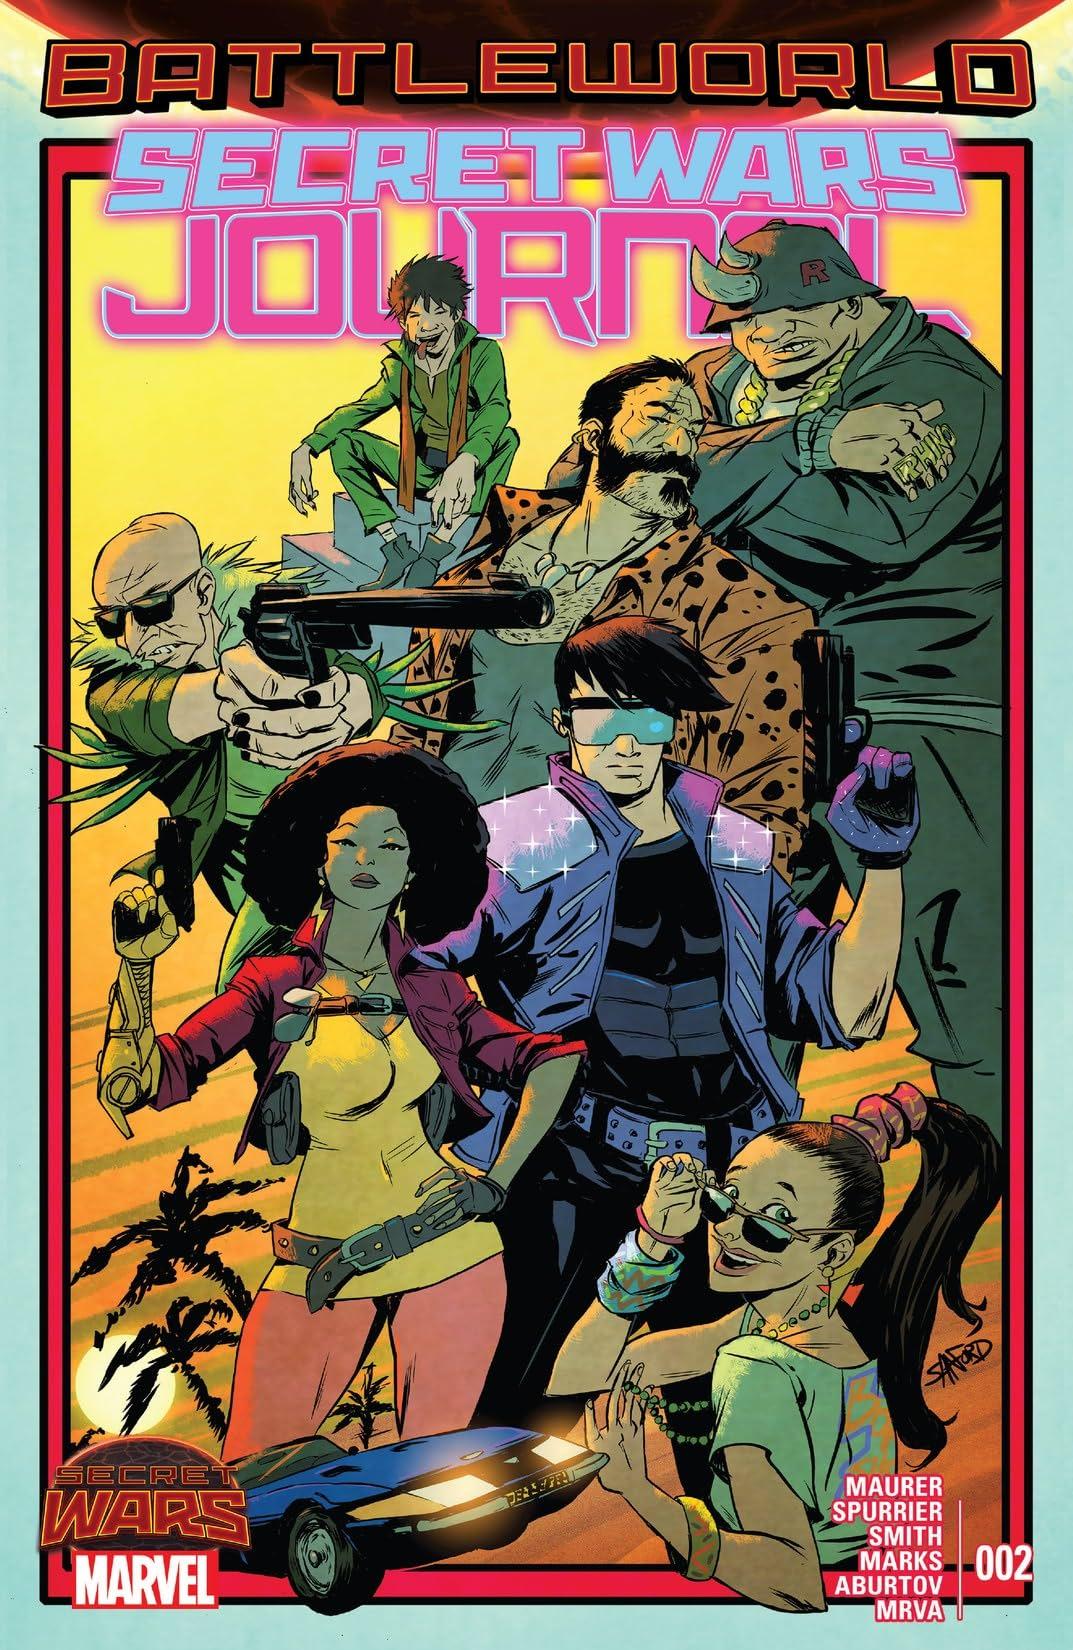 Secret Wars Journal (2015) #2 (of 5)